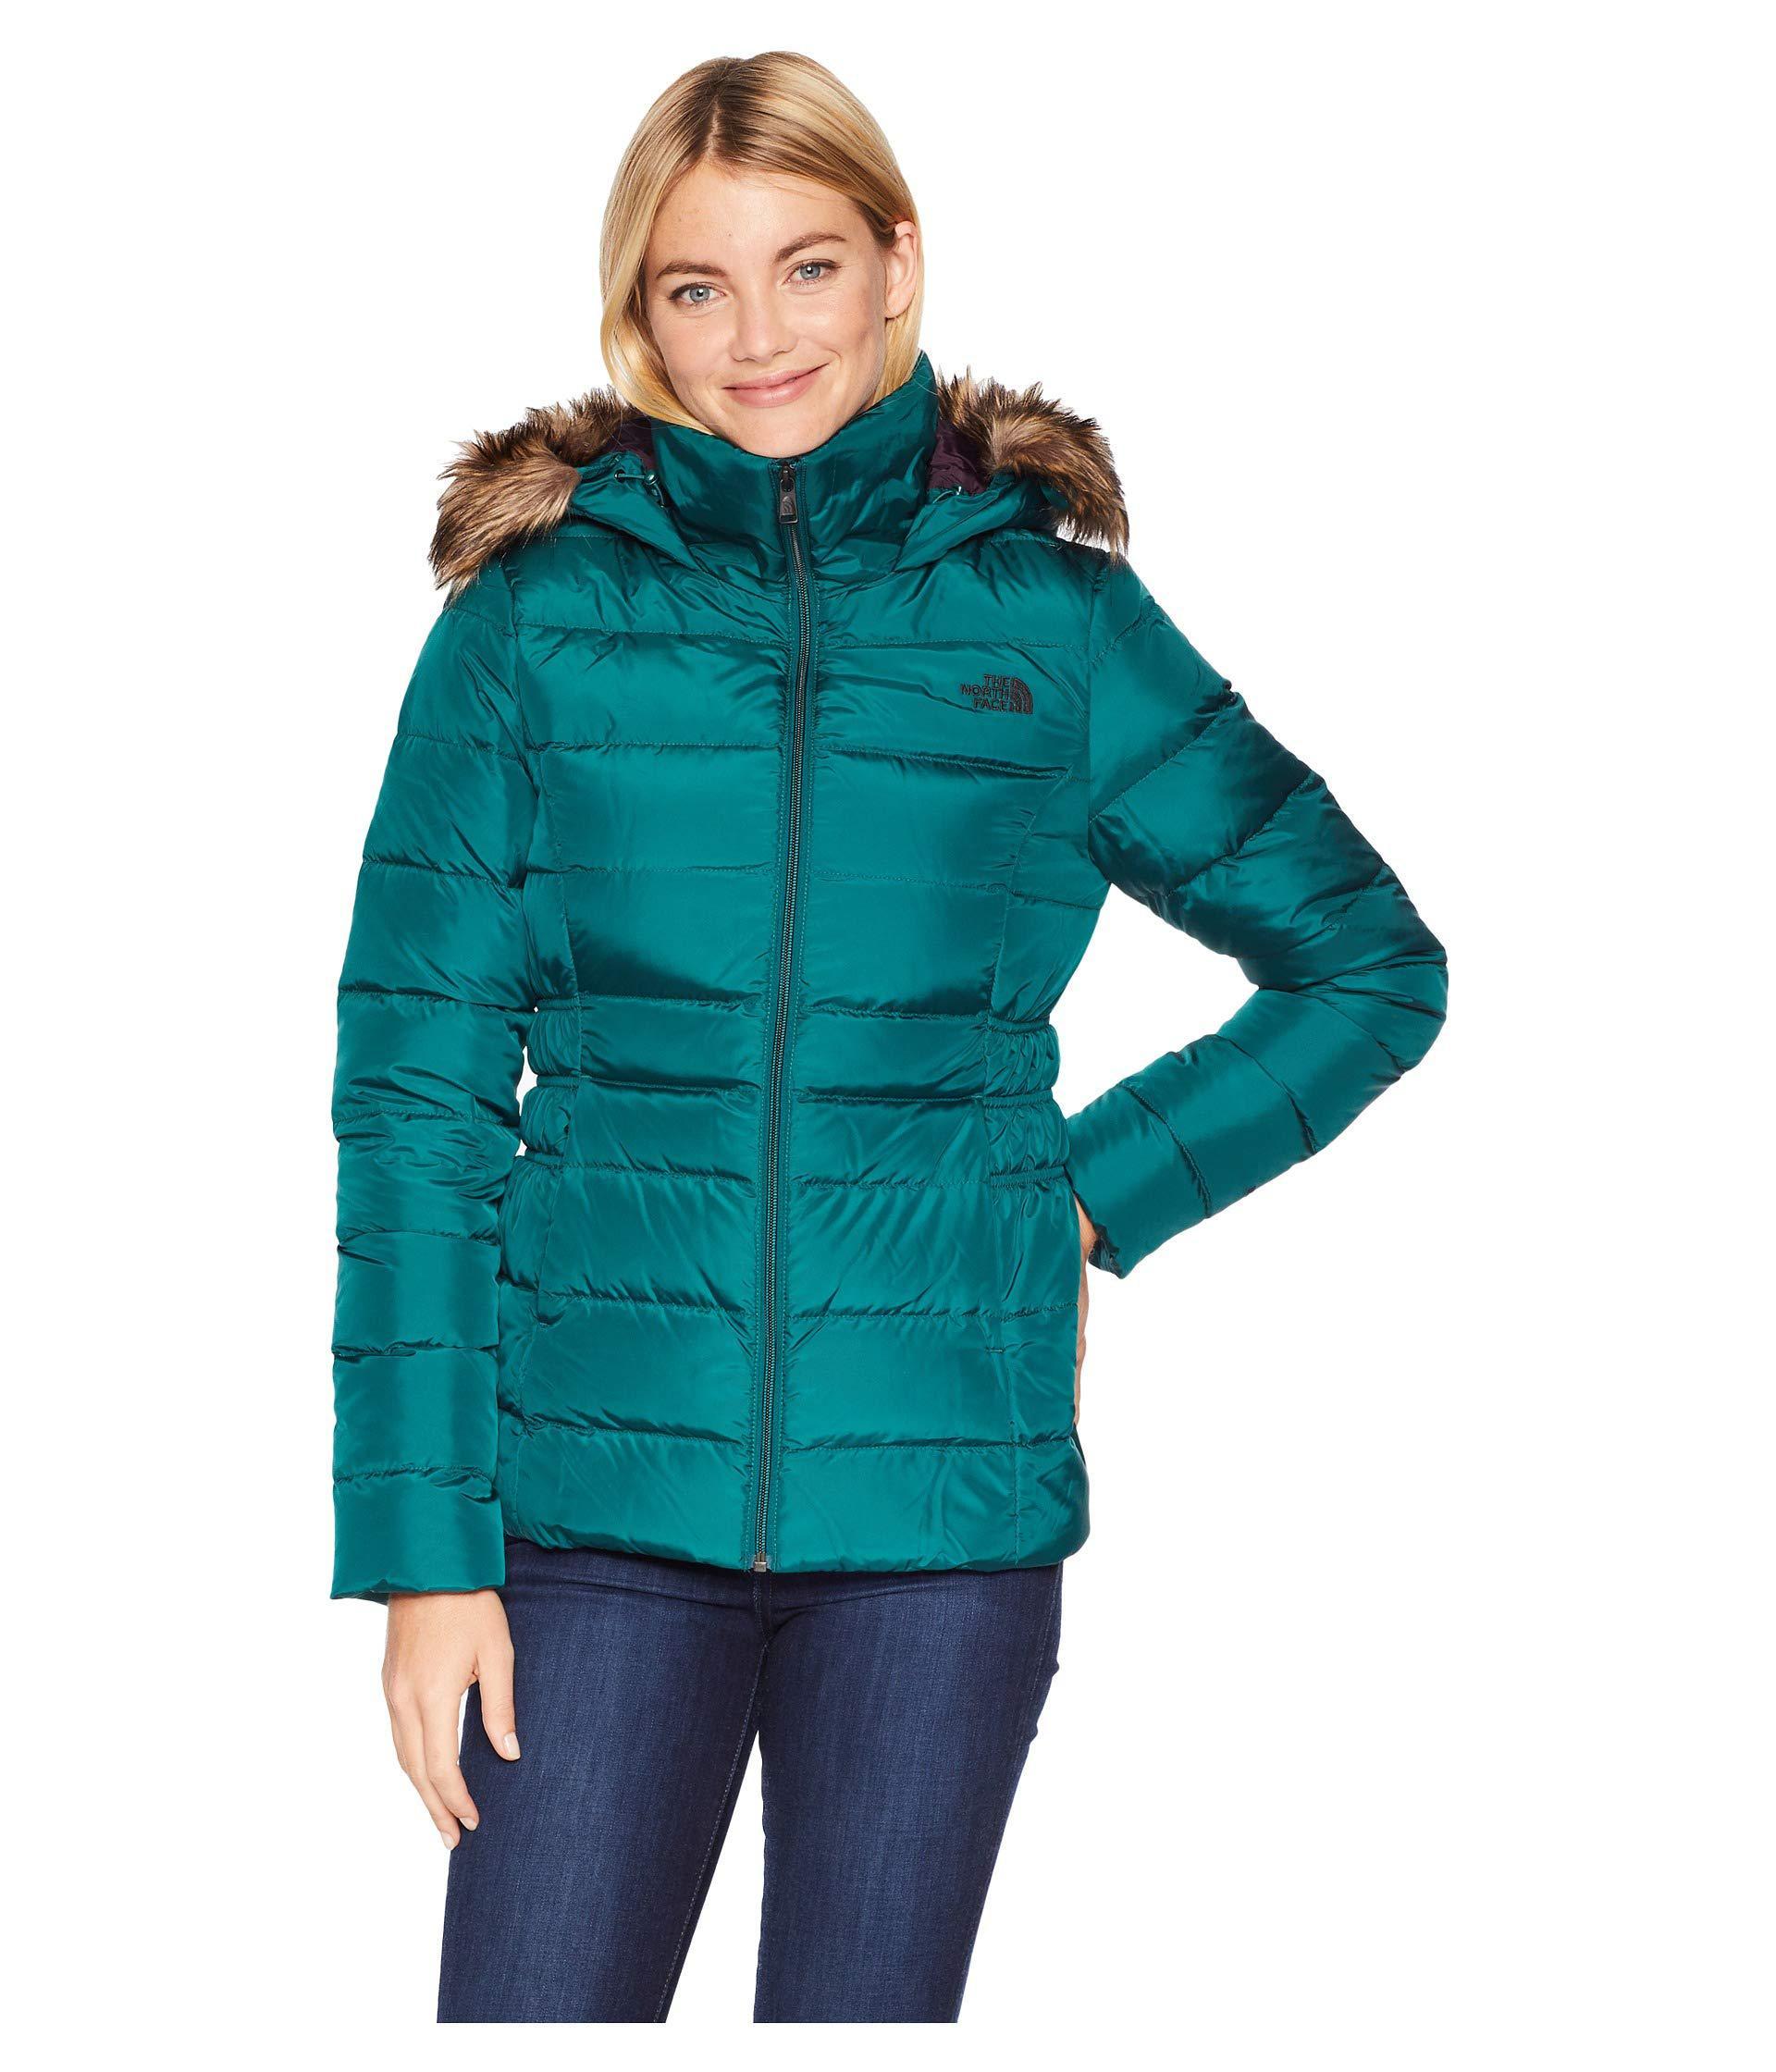 9e9b2a2d5d036 Lyst - The North Face Gotham Jacket Ii (botanical Garden Green ...